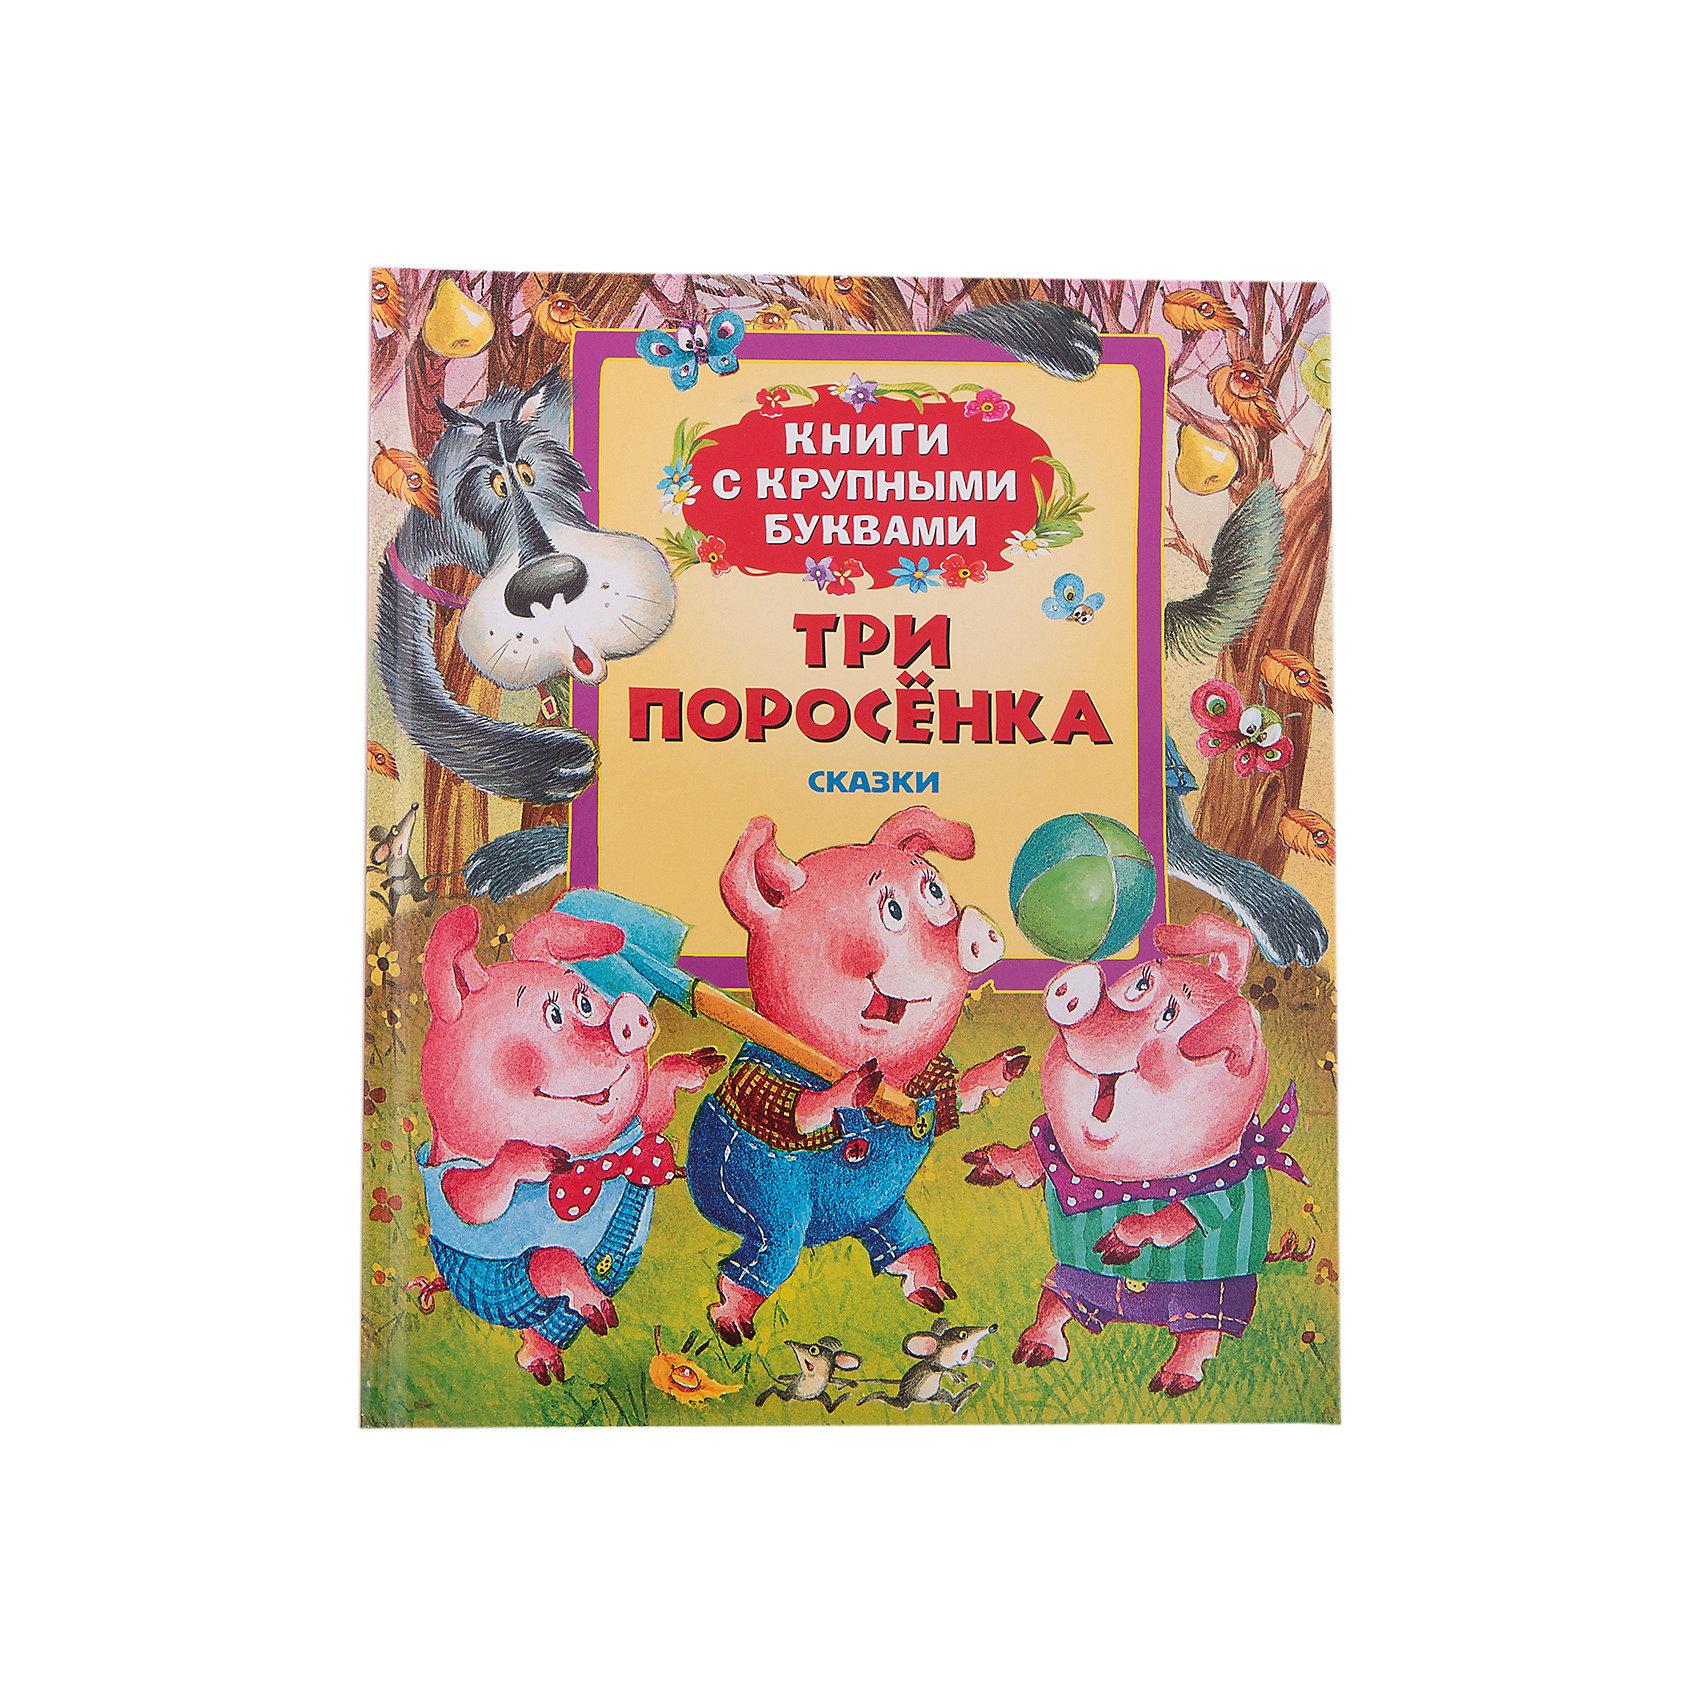 Книга с крупными буквами Три поросенкаКниги для девочек<br>В сборник вошли самые известные сказки, предназначенные для самостоятельного чтения детьми. Читая страницу за страницей, ребята познакомятся с сюжетом сказок и научатся лучше читать.&#13;<br>Книга представлена сказками: Три поросенка, Пряничный домик.<br><br>Дополнительная информация:<br><br>- Иллюстрации И. Якимовой<br>- Тип переплета (Обложка): Твердая<br>- Формат (мм): 263x197<br>- Количество страниц: 12<br>- Наличие иллюстраций: цветные<br><br>Книгу Три поросенка из серии Книги с крупными буквами. Росмэн можно купить в нашем магазине.<br><br>Ширина мм: 240<br>Глубина мм: 205<br>Высота мм: 8<br>Вес г: 290<br>Возраст от месяцев: 36<br>Возраст до месяцев: 72<br>Пол: Унисекс<br>Возраст: Детский<br>SKU: 3520815